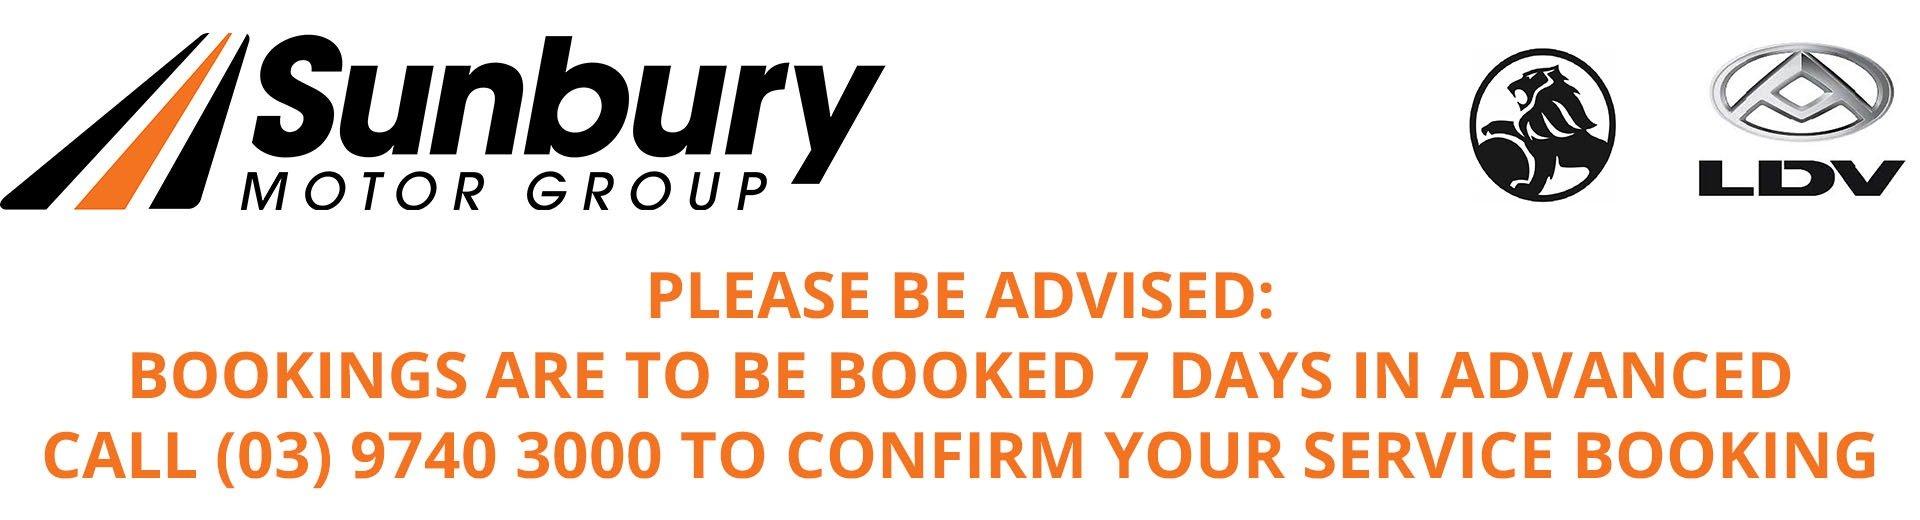 Sunbury Motor Group - Service Notice